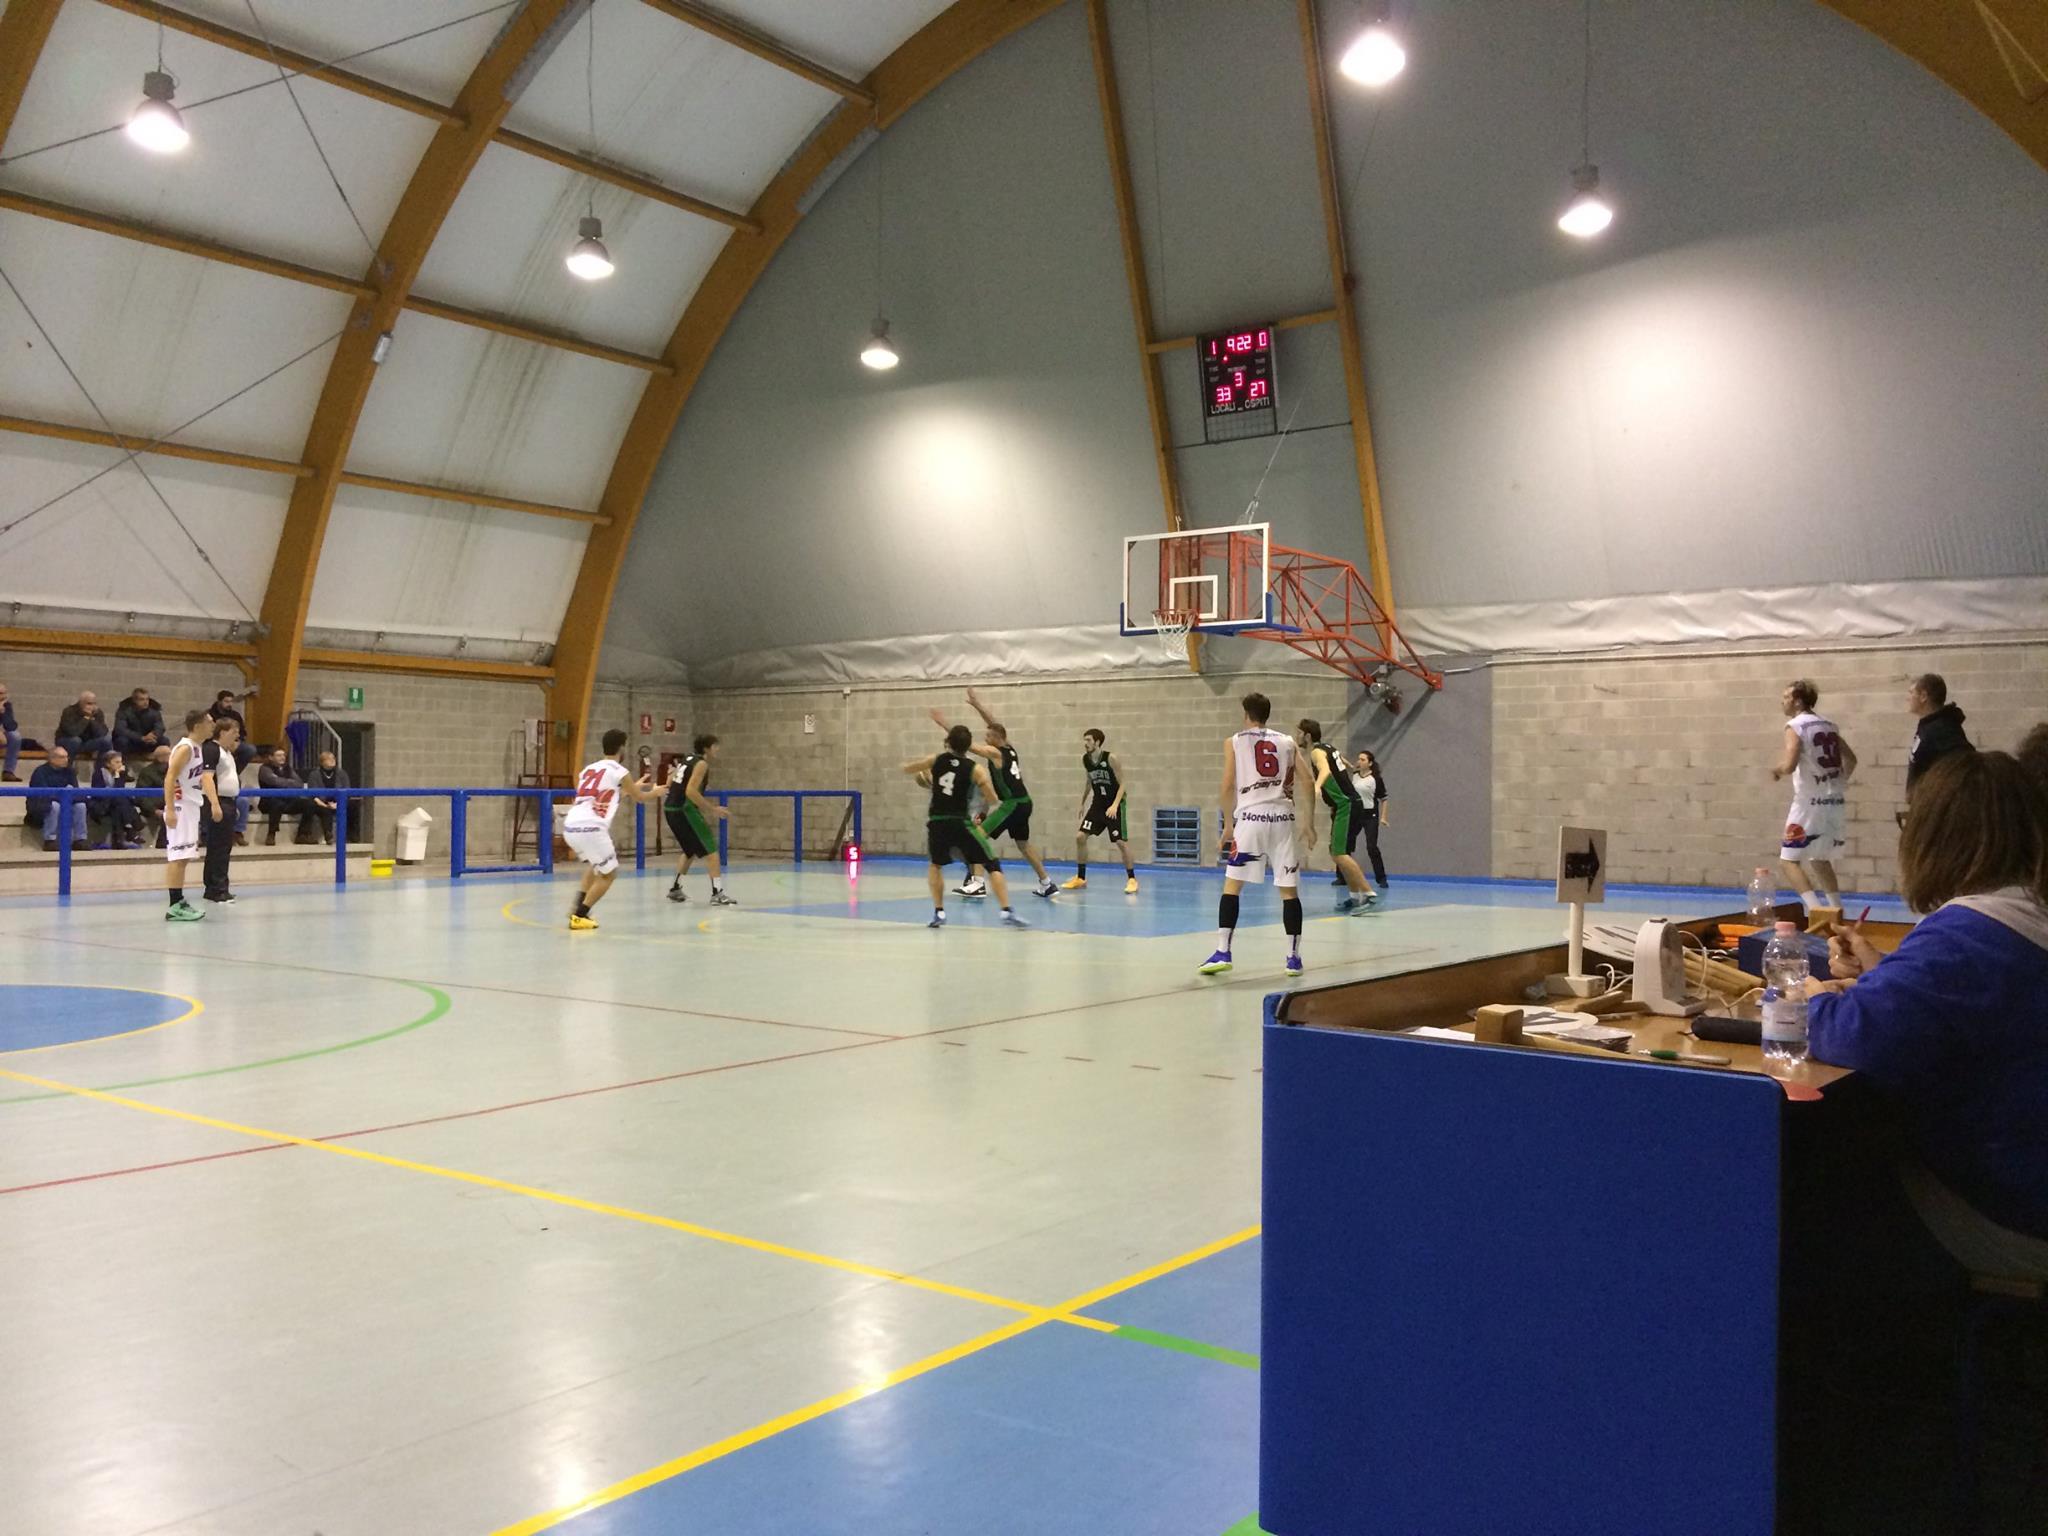 Alcune azioni salienti della partita tra Pallacanestro Verbano Luino - Bosto Varese, finita 49-60 (Foto © Iacopo Lattuada)